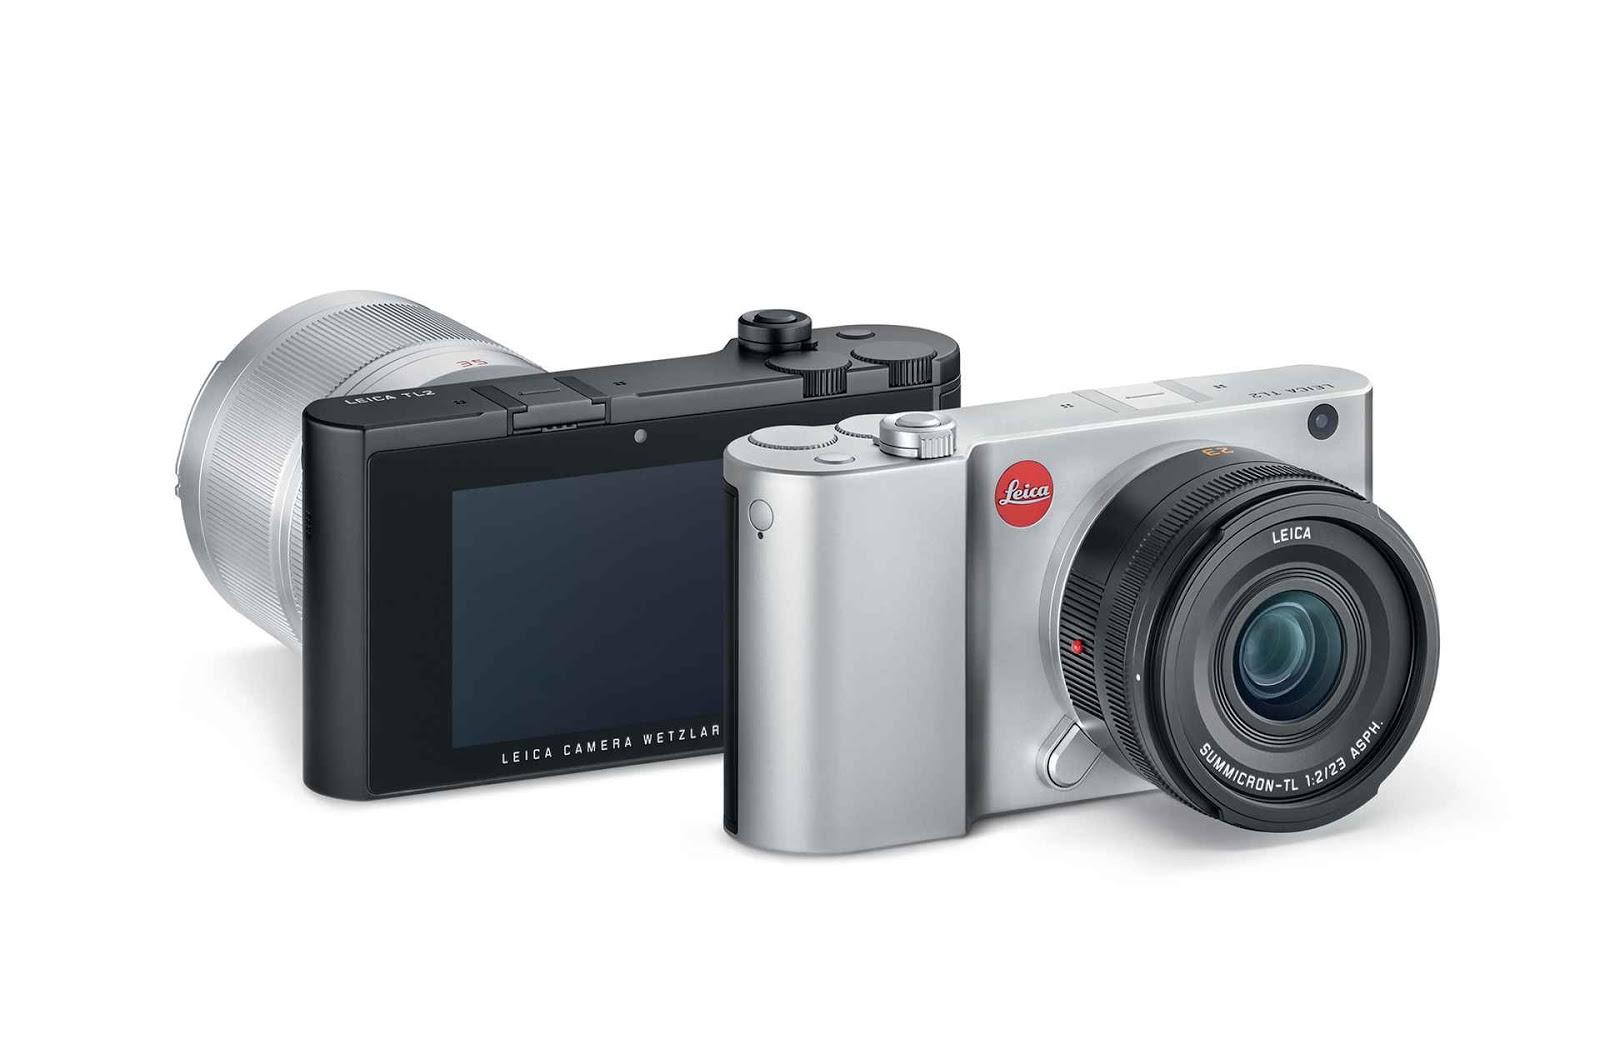 Leica TL2 выпускается в черном и серебристом цветах